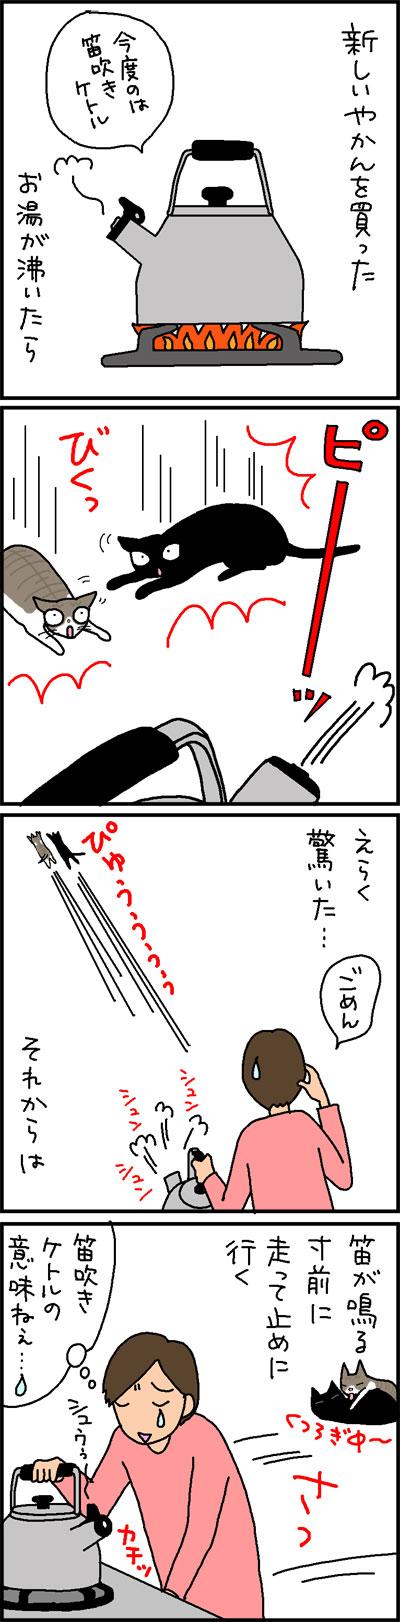 夜間に驚く4コマ猫漫画